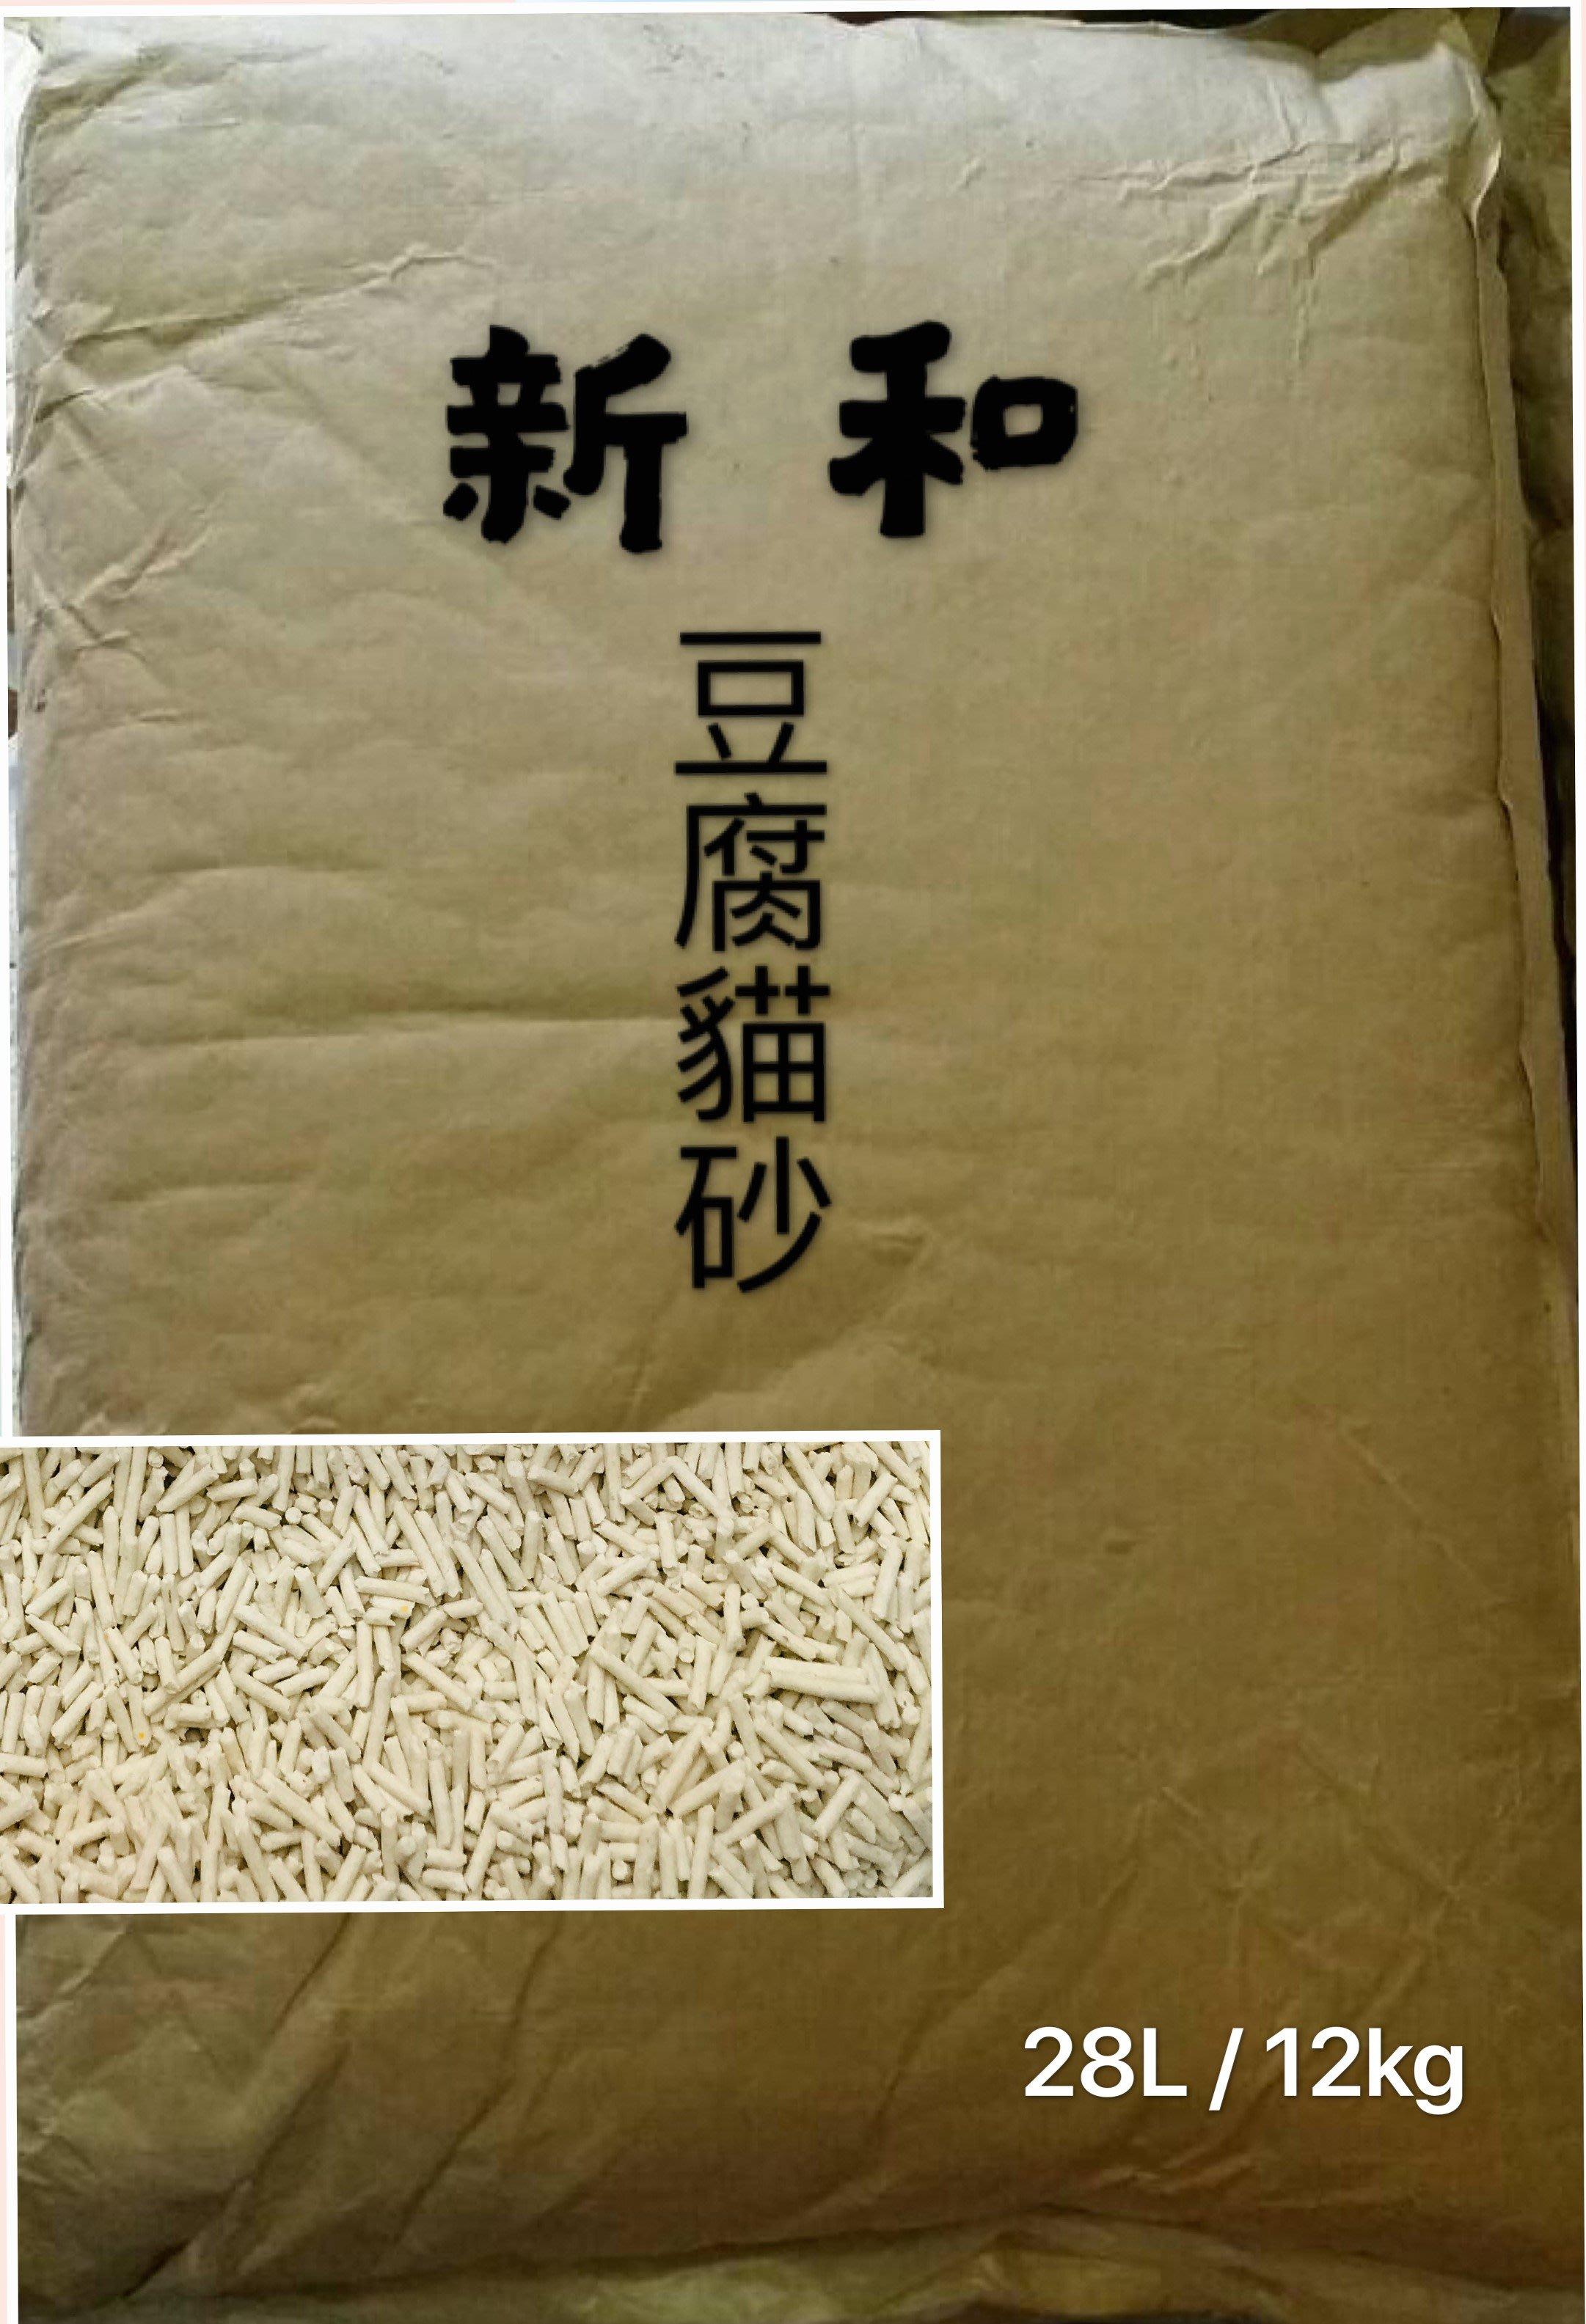 新和 豆腐砂,小顆粒2mm,大包裝/量販包,12KG